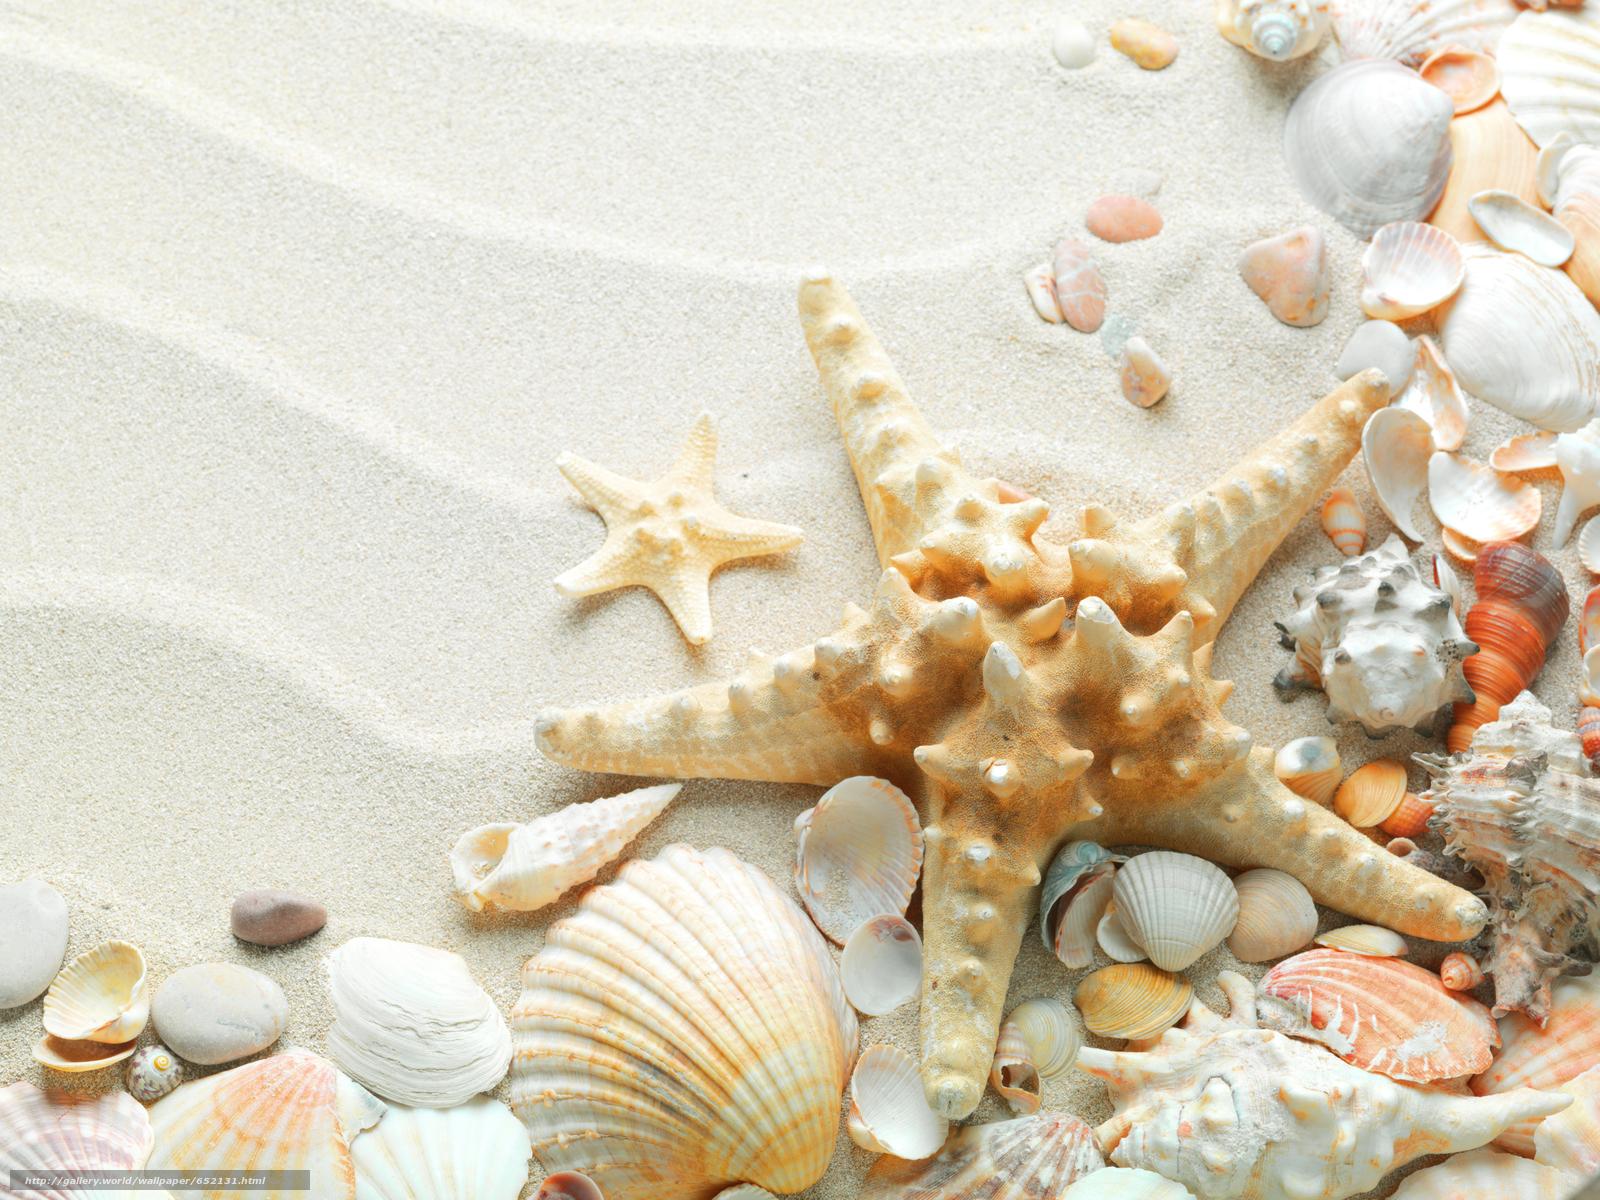 壁紙をダウンロード Texture テクスチャー 貝殻 砂 デスクトップの解像度のための無料壁紙 7216x5412 絵